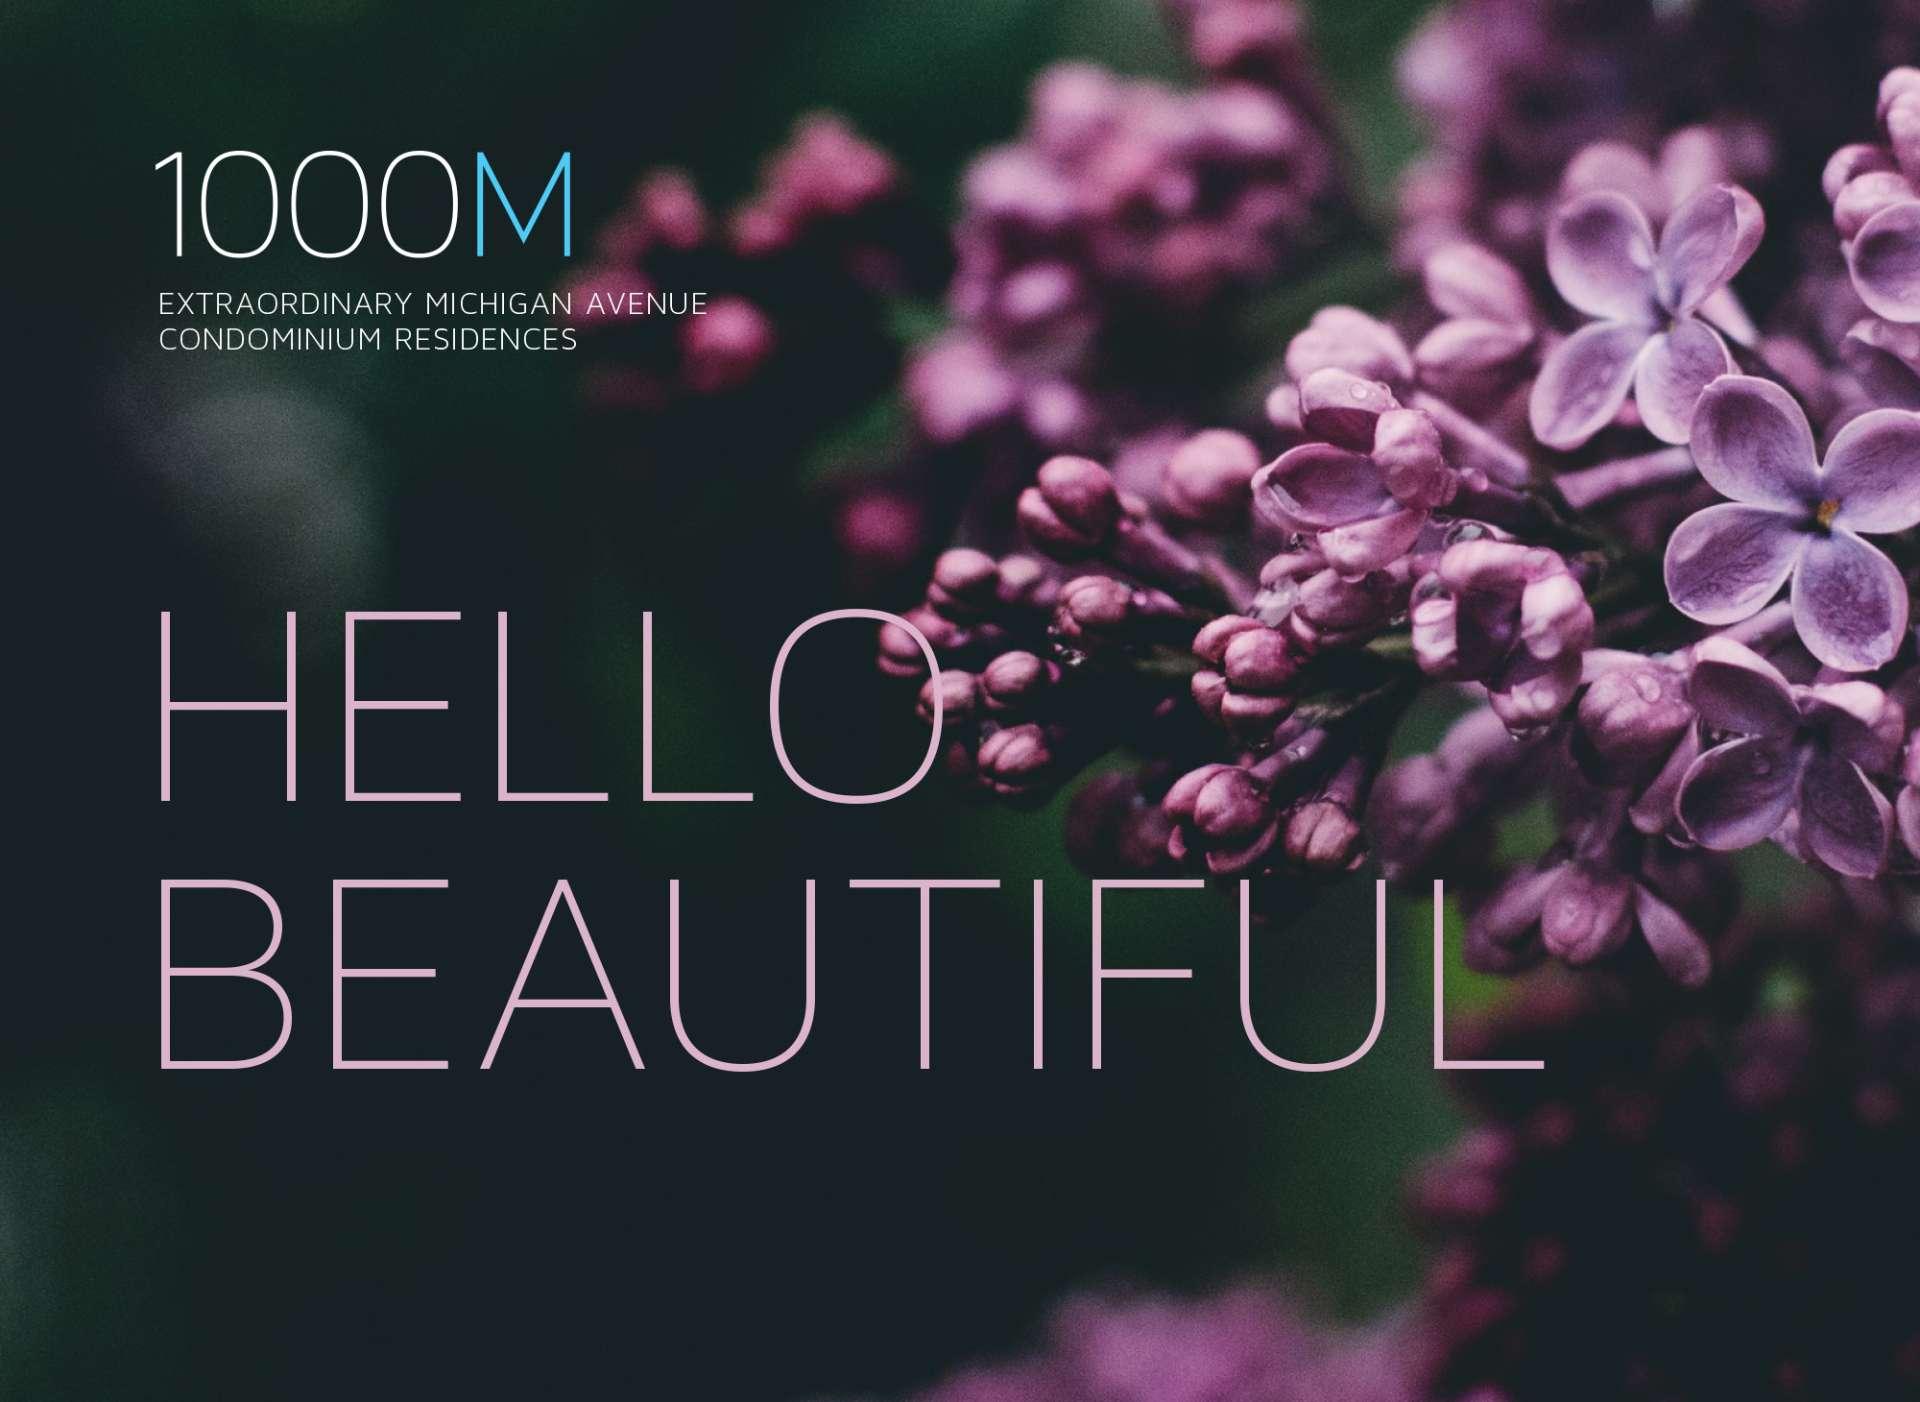 1000M Hello, Beautiful Campaign